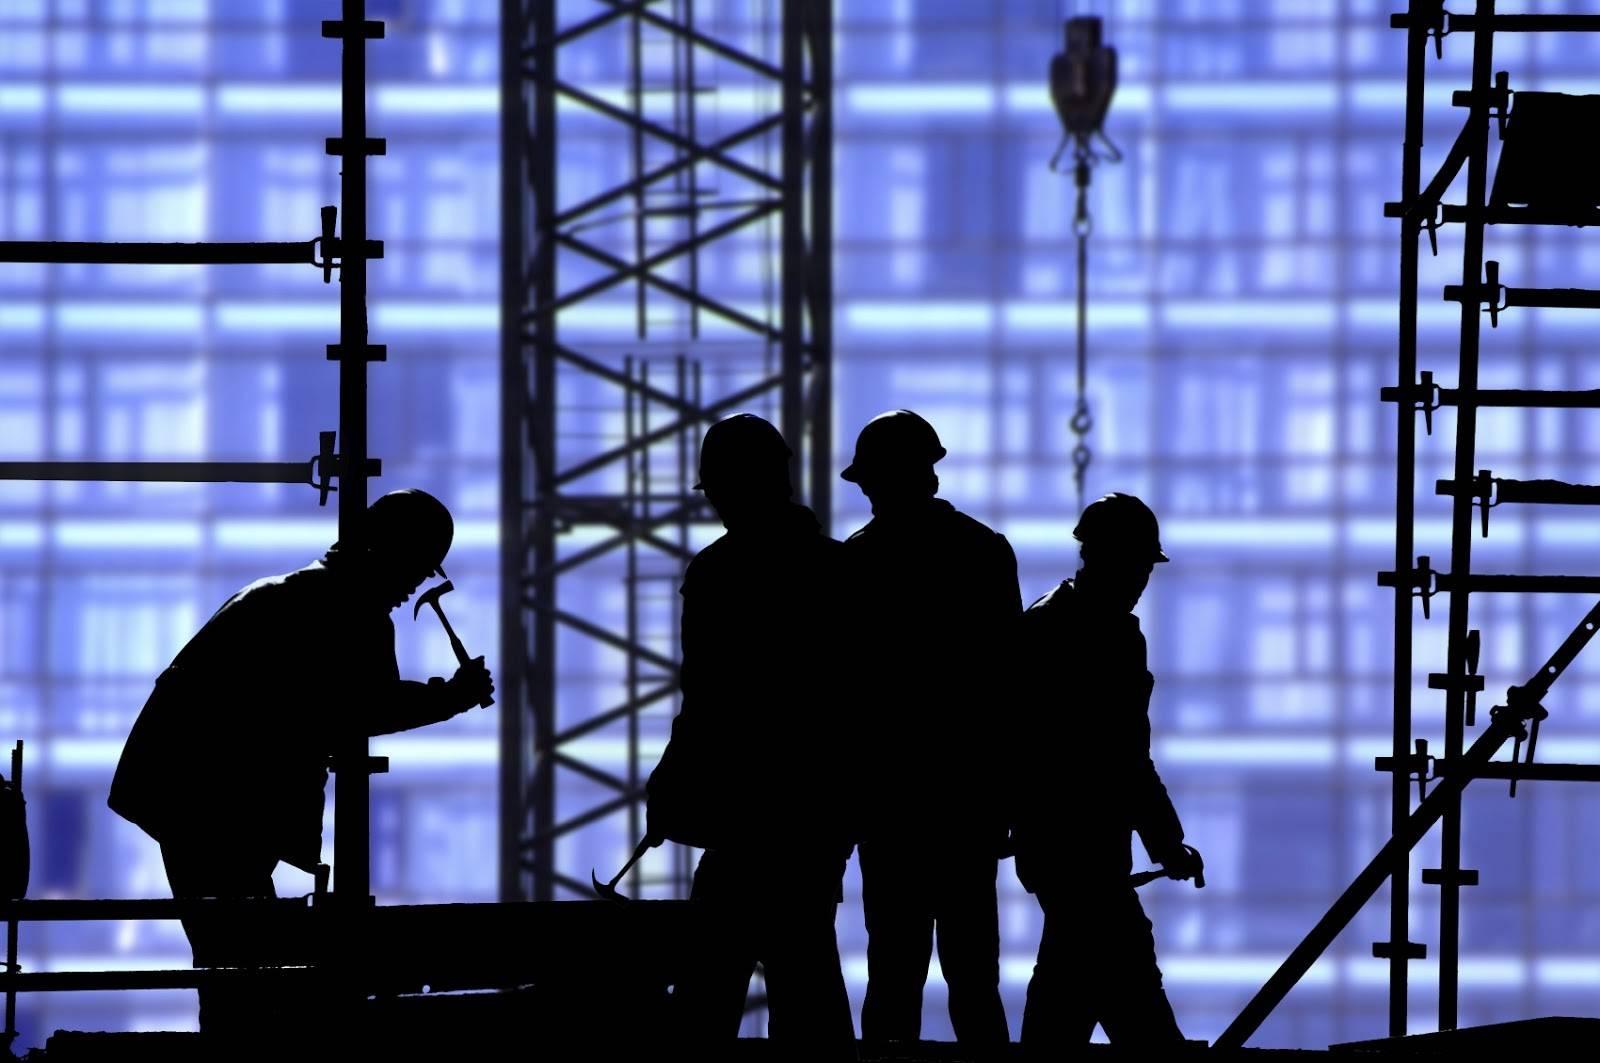 Снять ограничения для турецких рабочих можно только с оглядкой на ЕАЭС